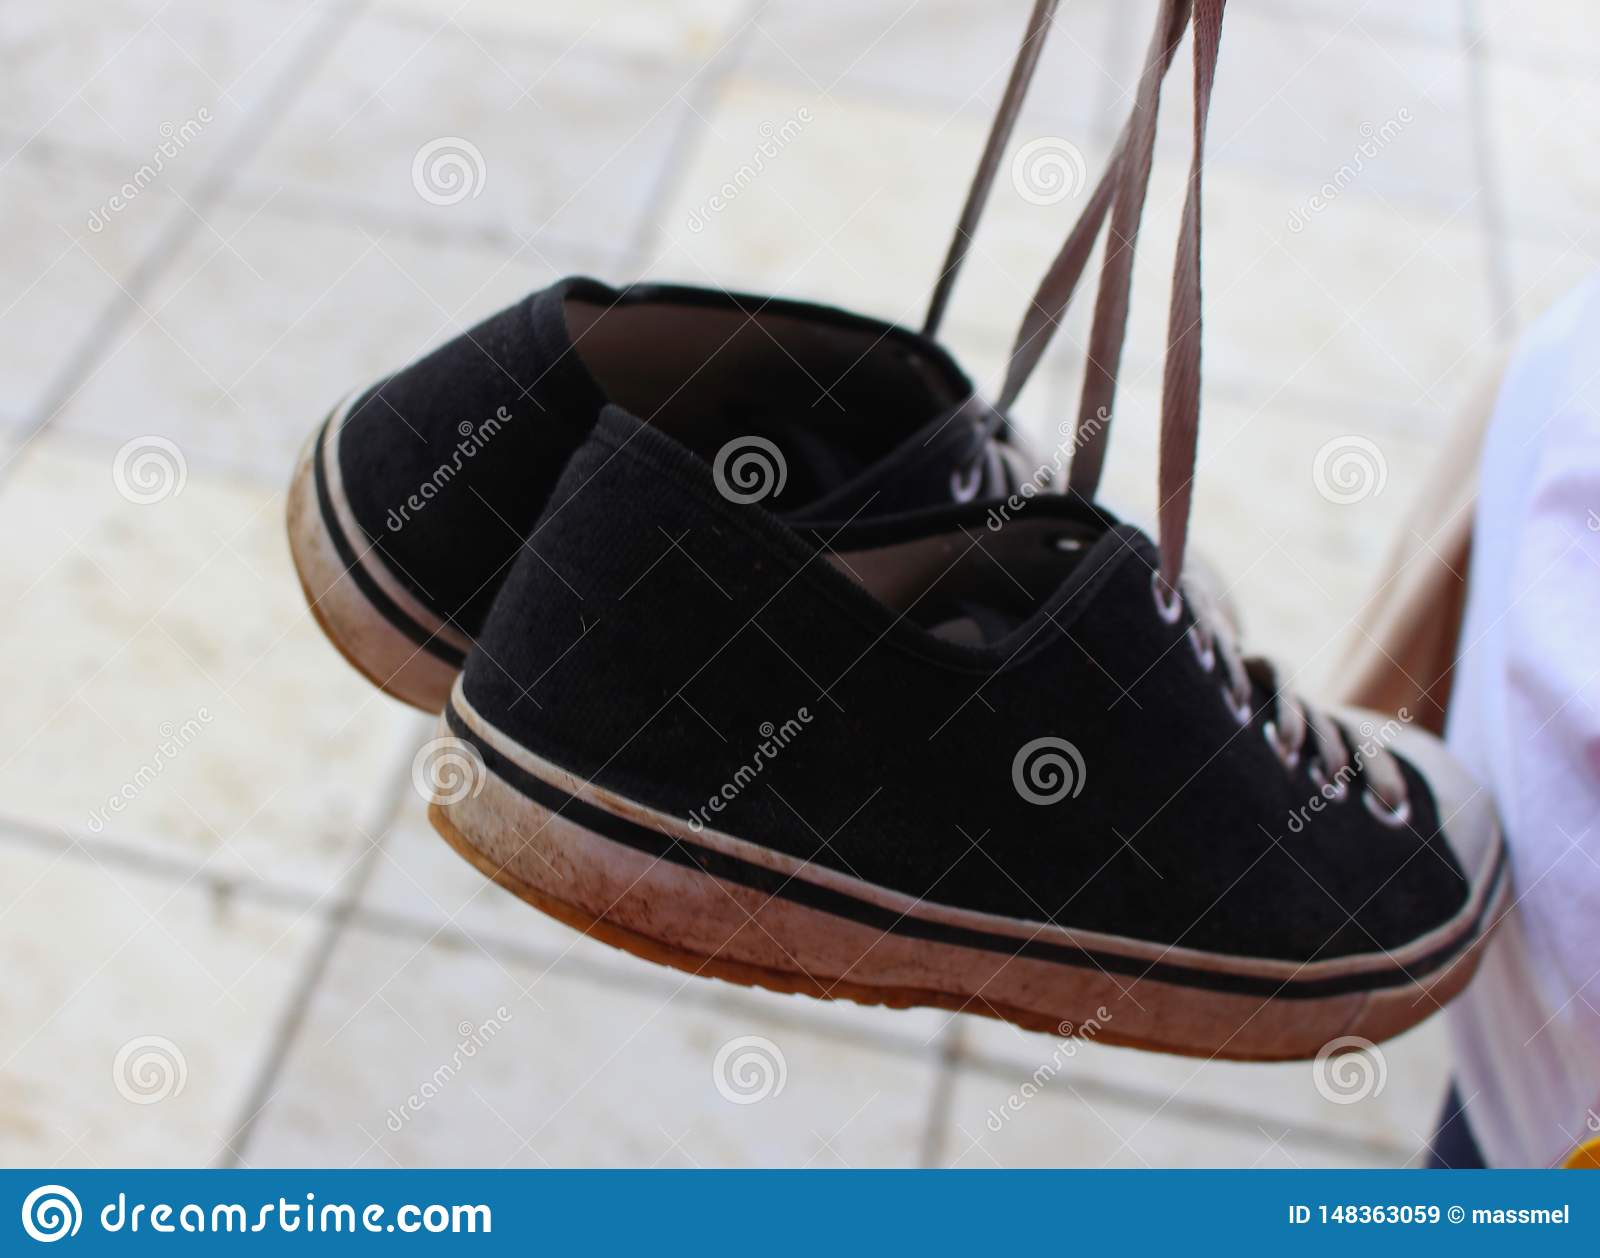 Pair of filthy black sneakers